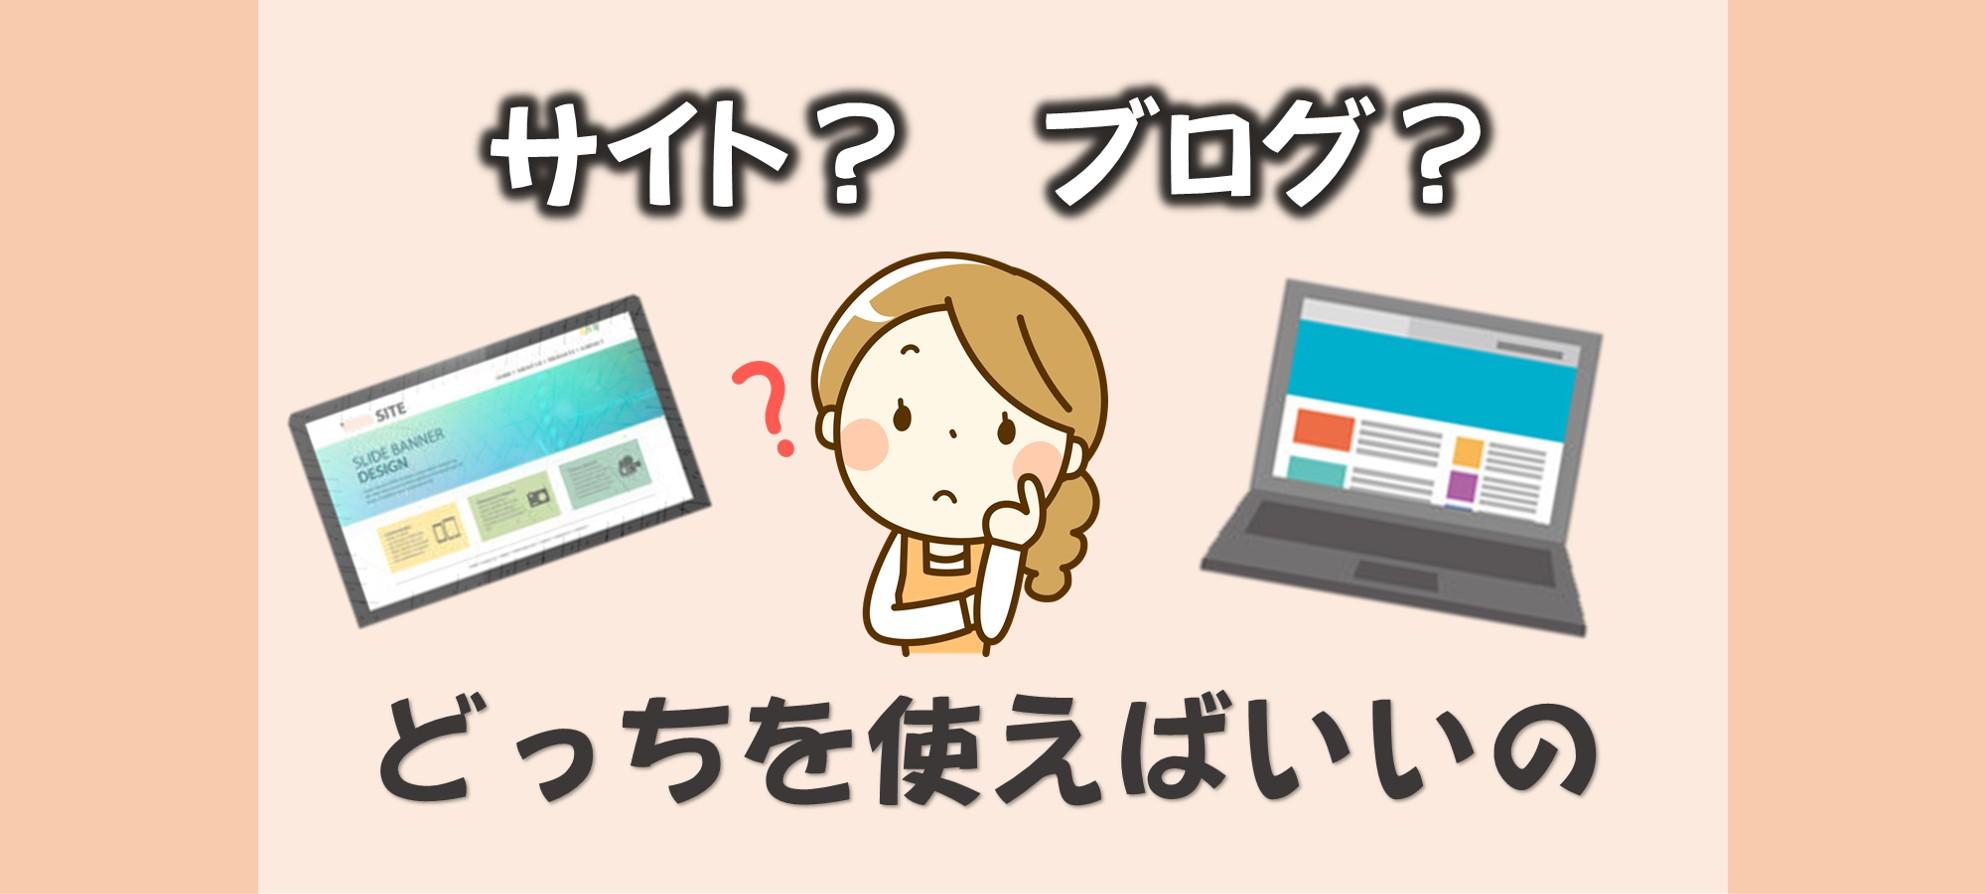 サイトとブログの違いを知ろう